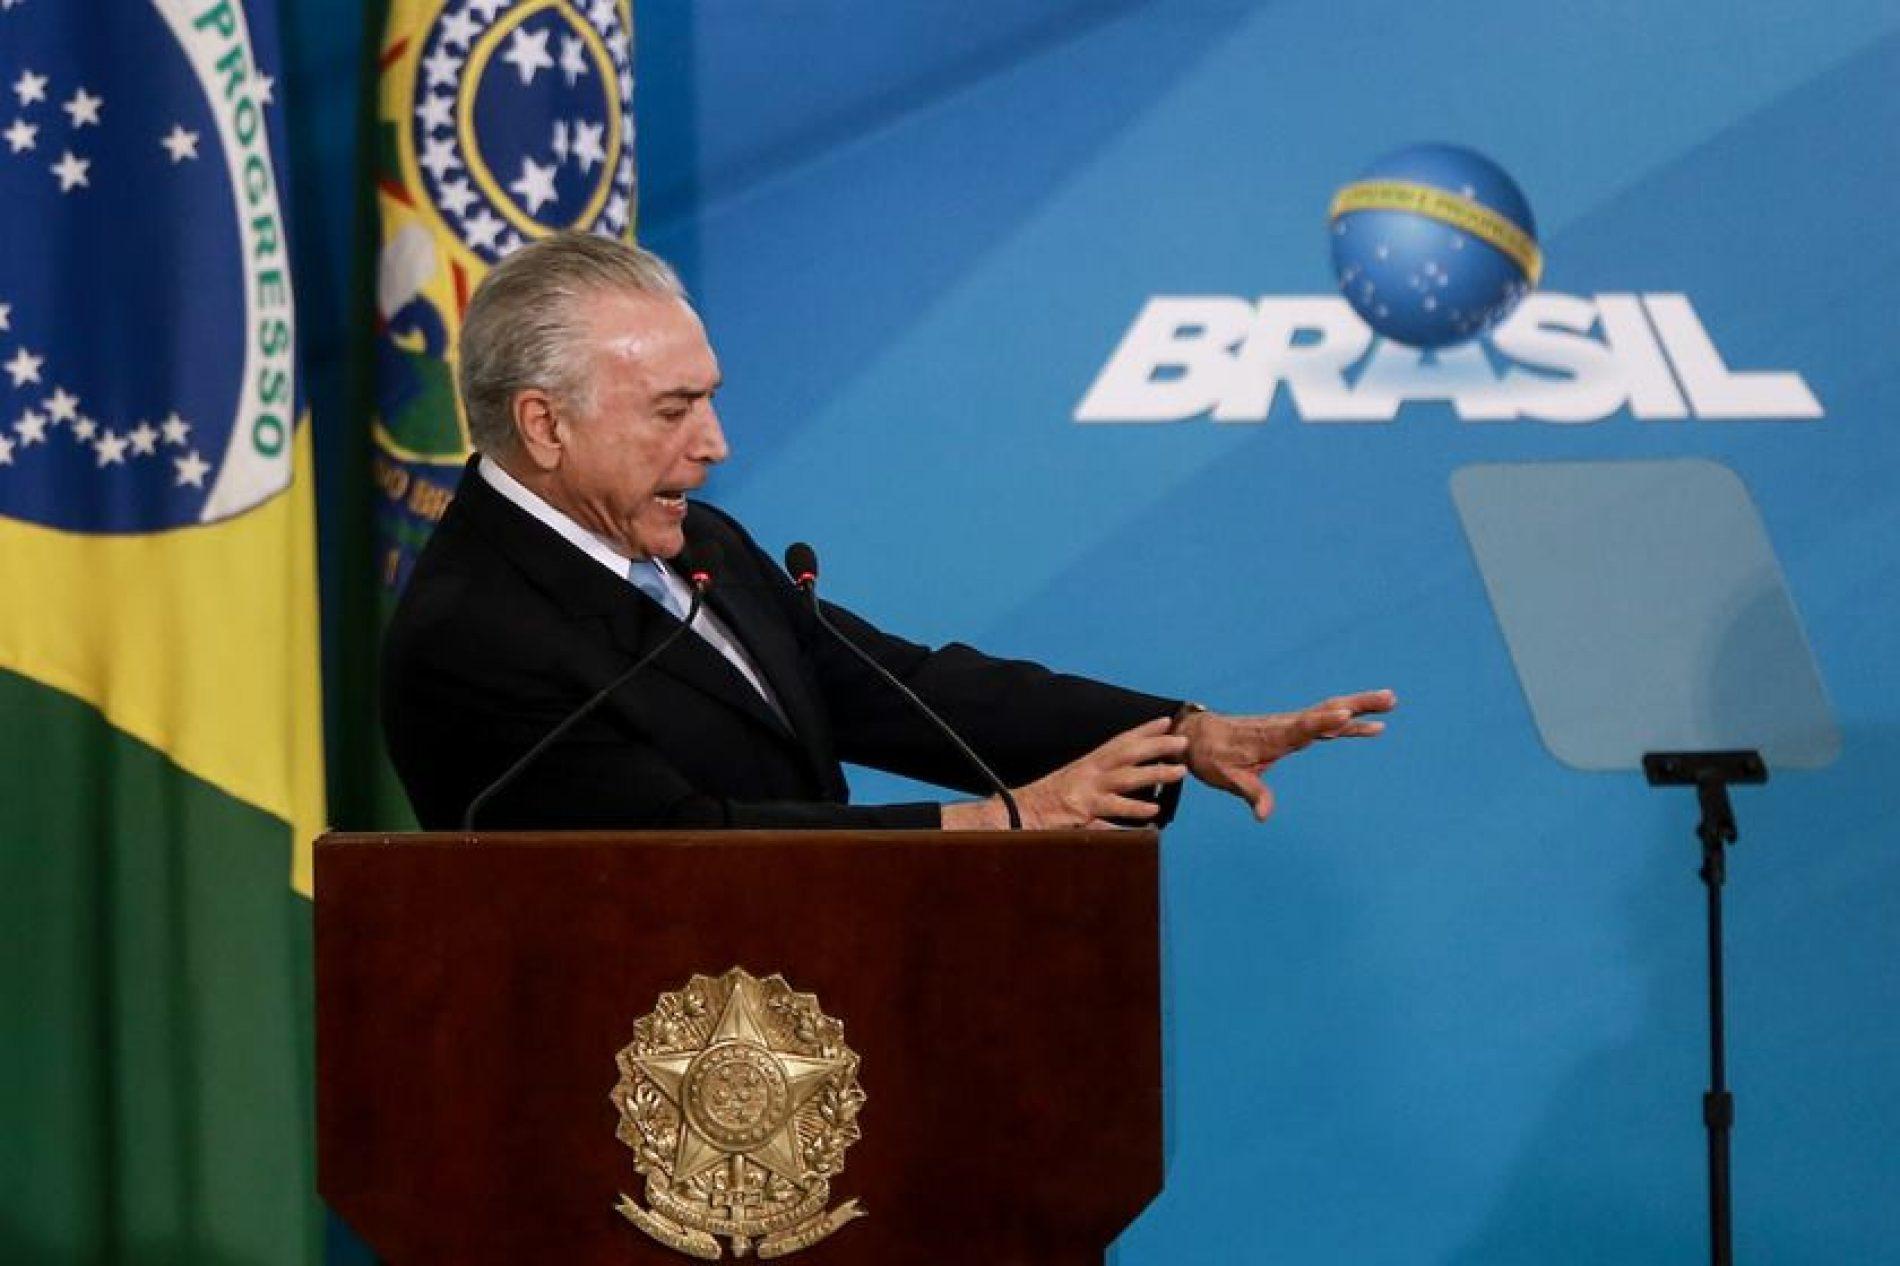 Sem citar Lula, Michel Temer diz desejar paz ao país após eleições